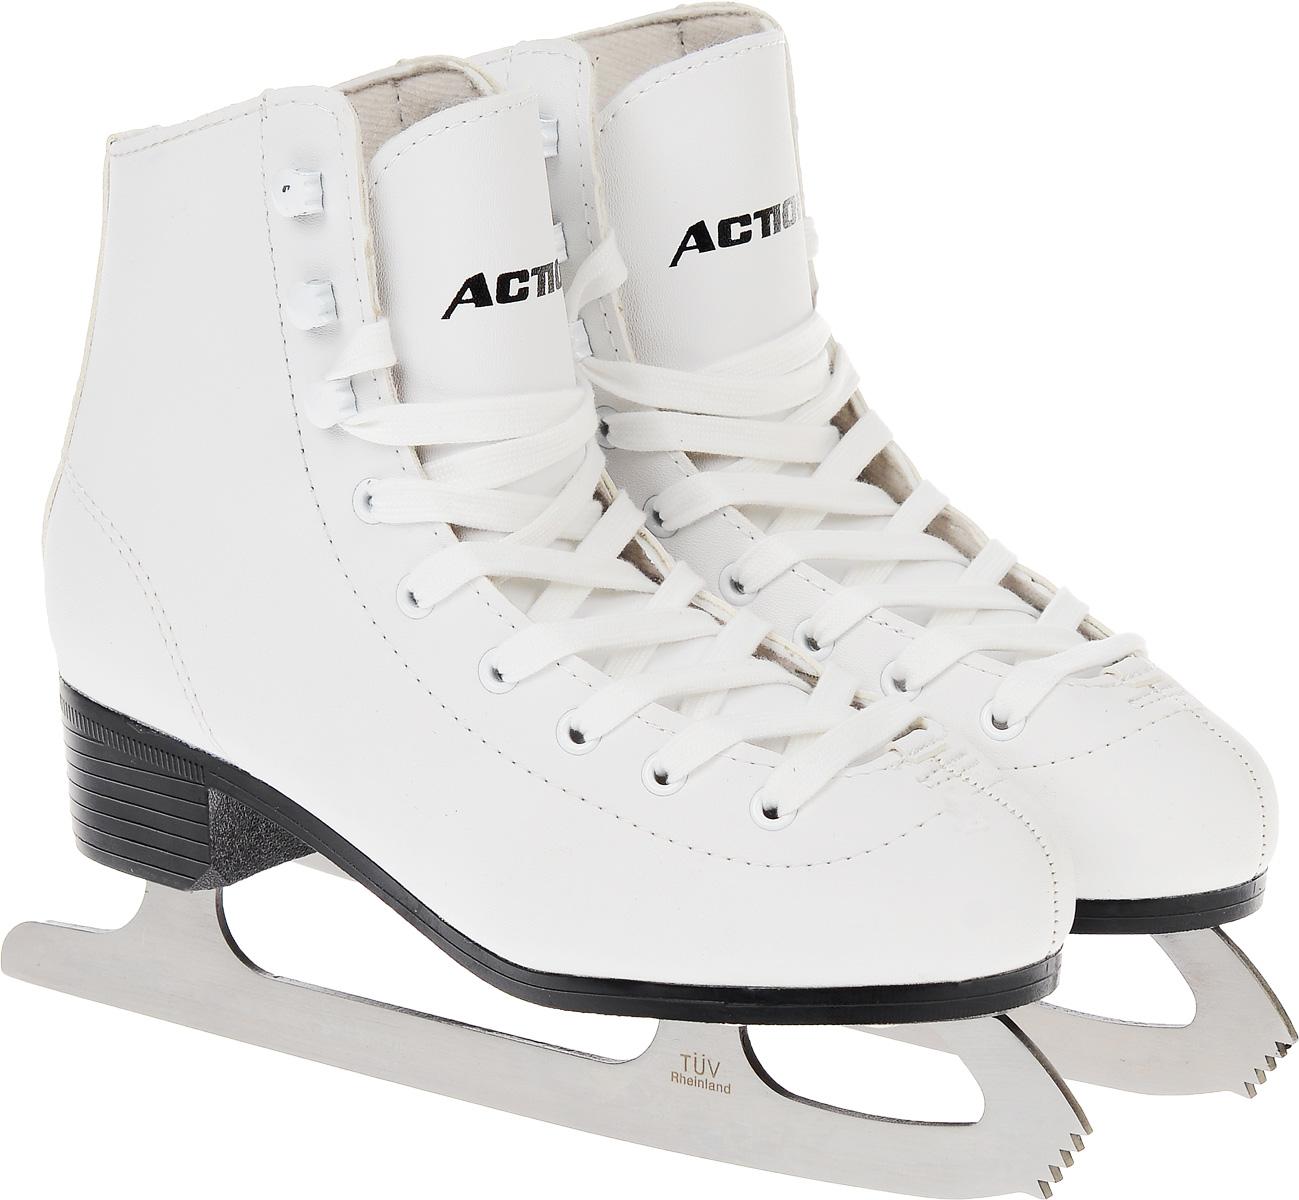 Коньки фигурные женские Action Sporting Goods, цвет: белый. PW-215. Размер 36